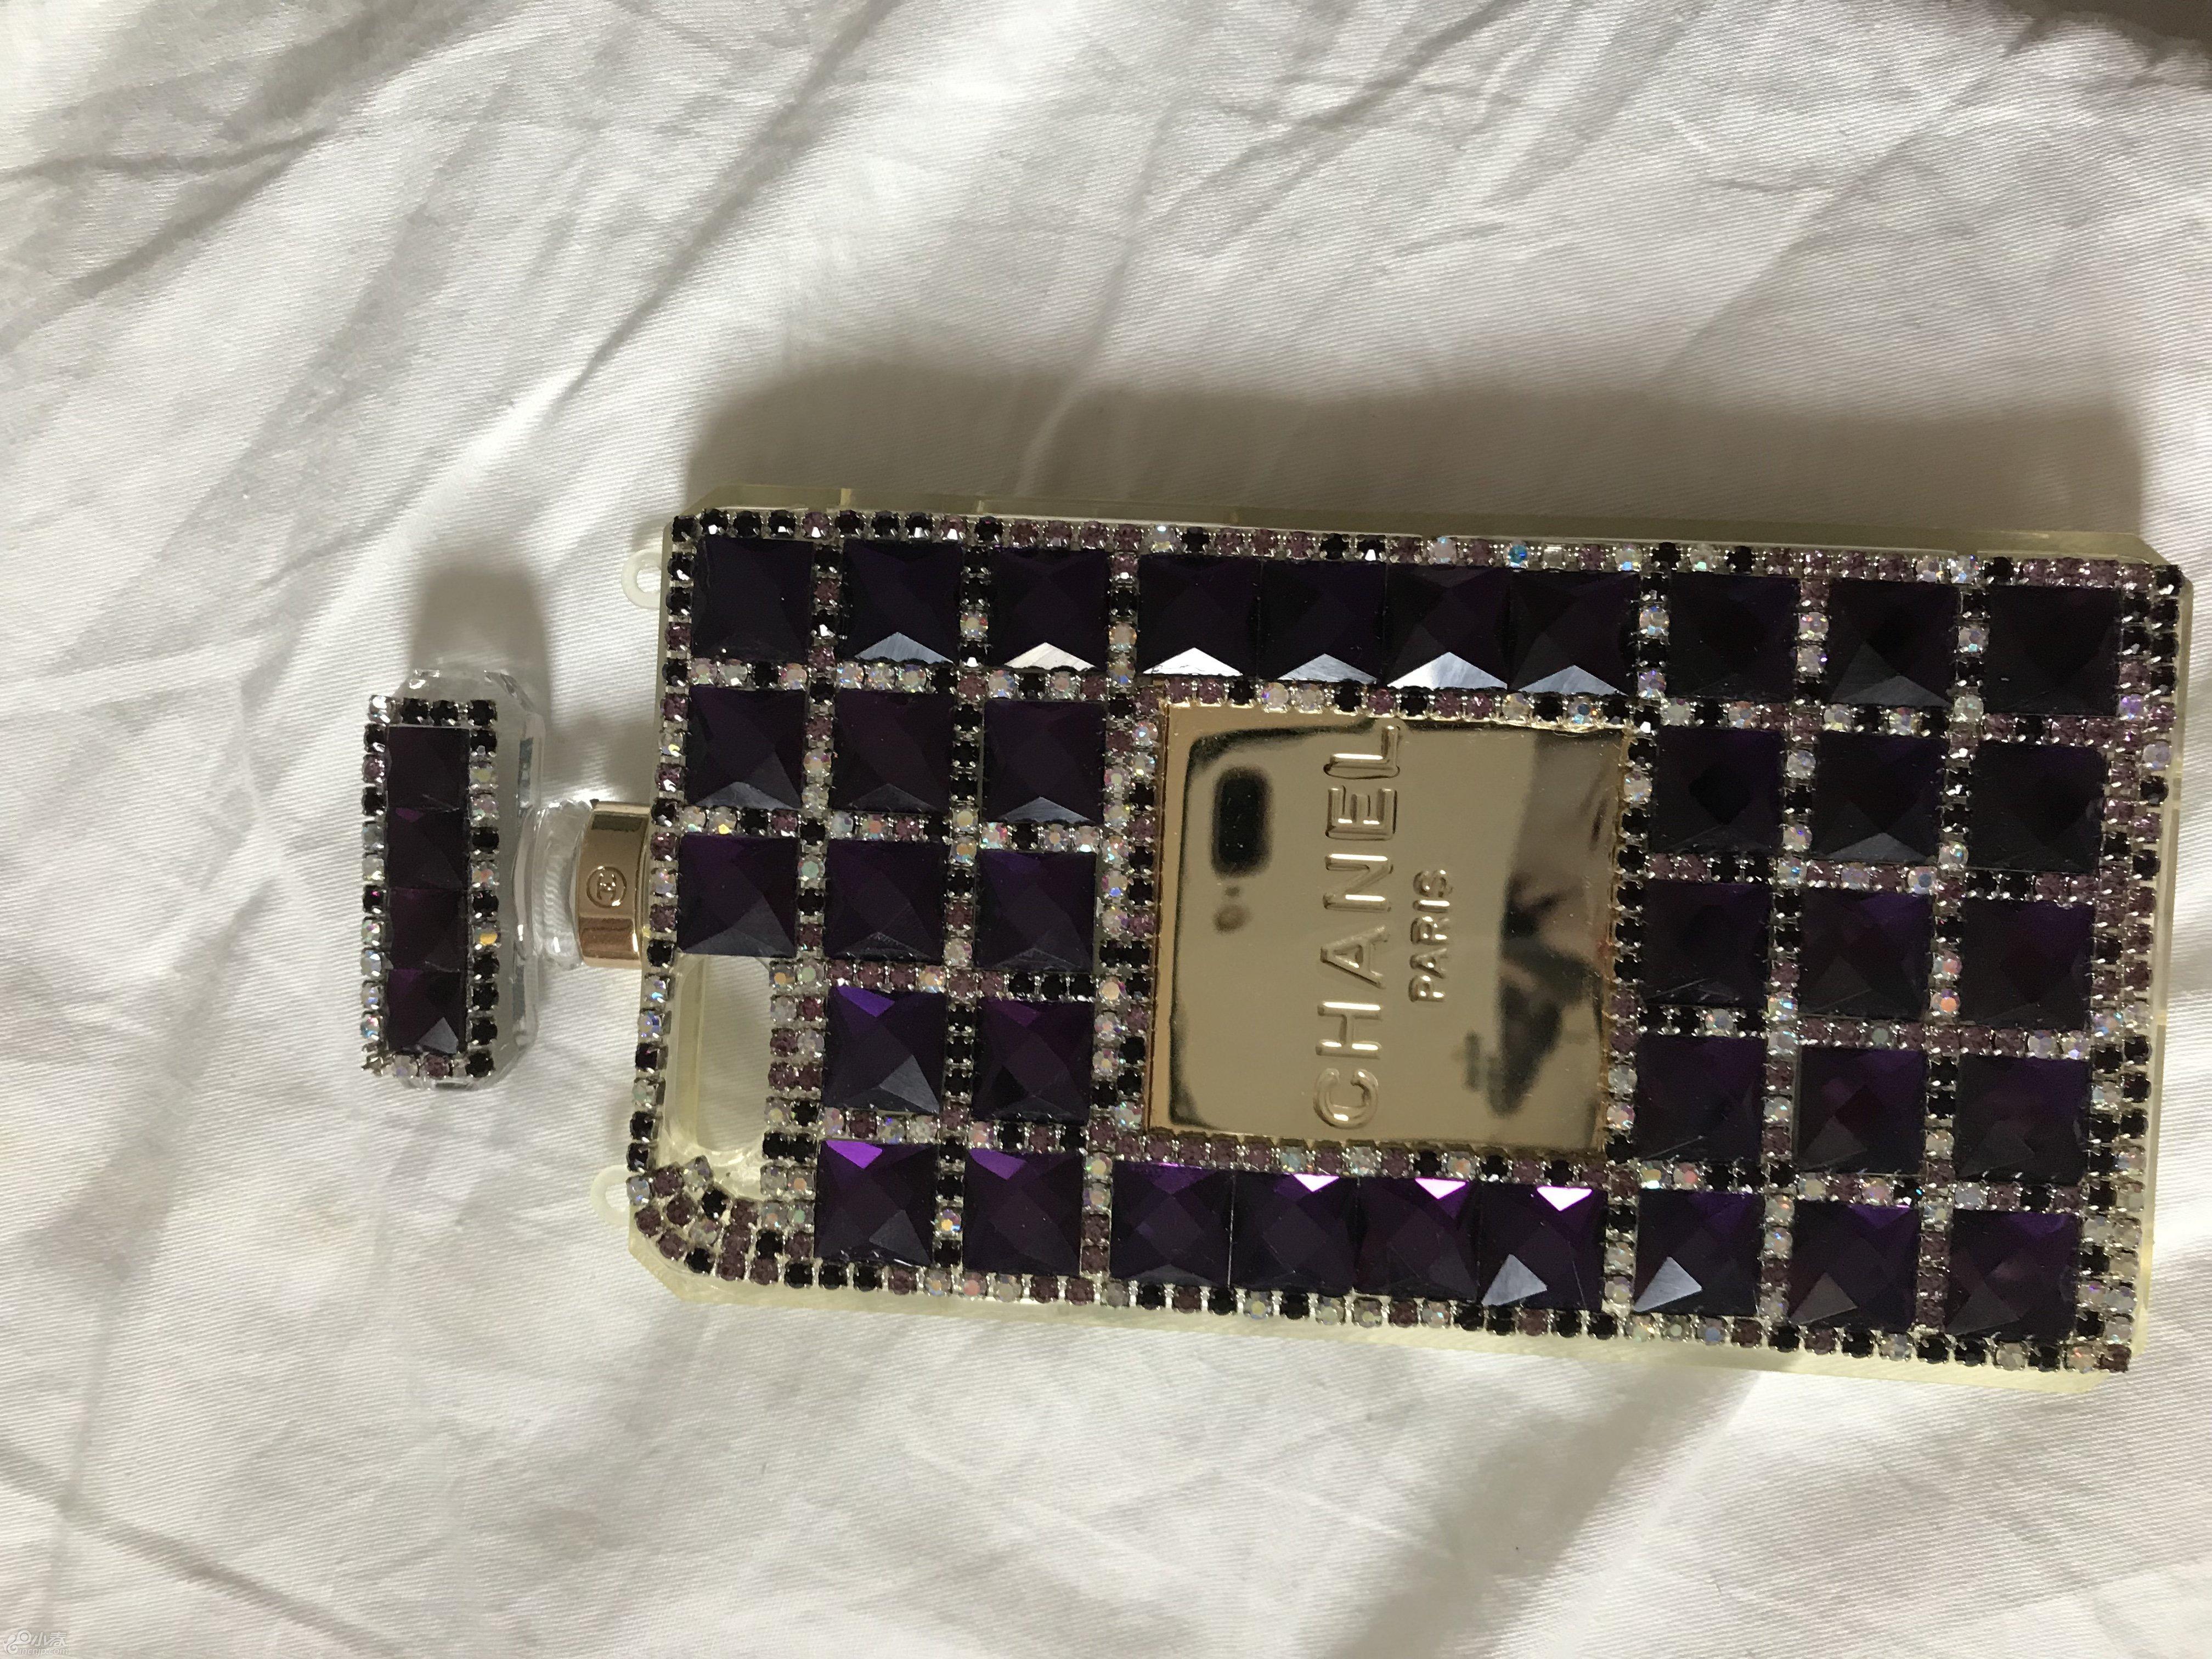 680931CA-068B-462A-A2E0-4C2DBFA10536.jpeg